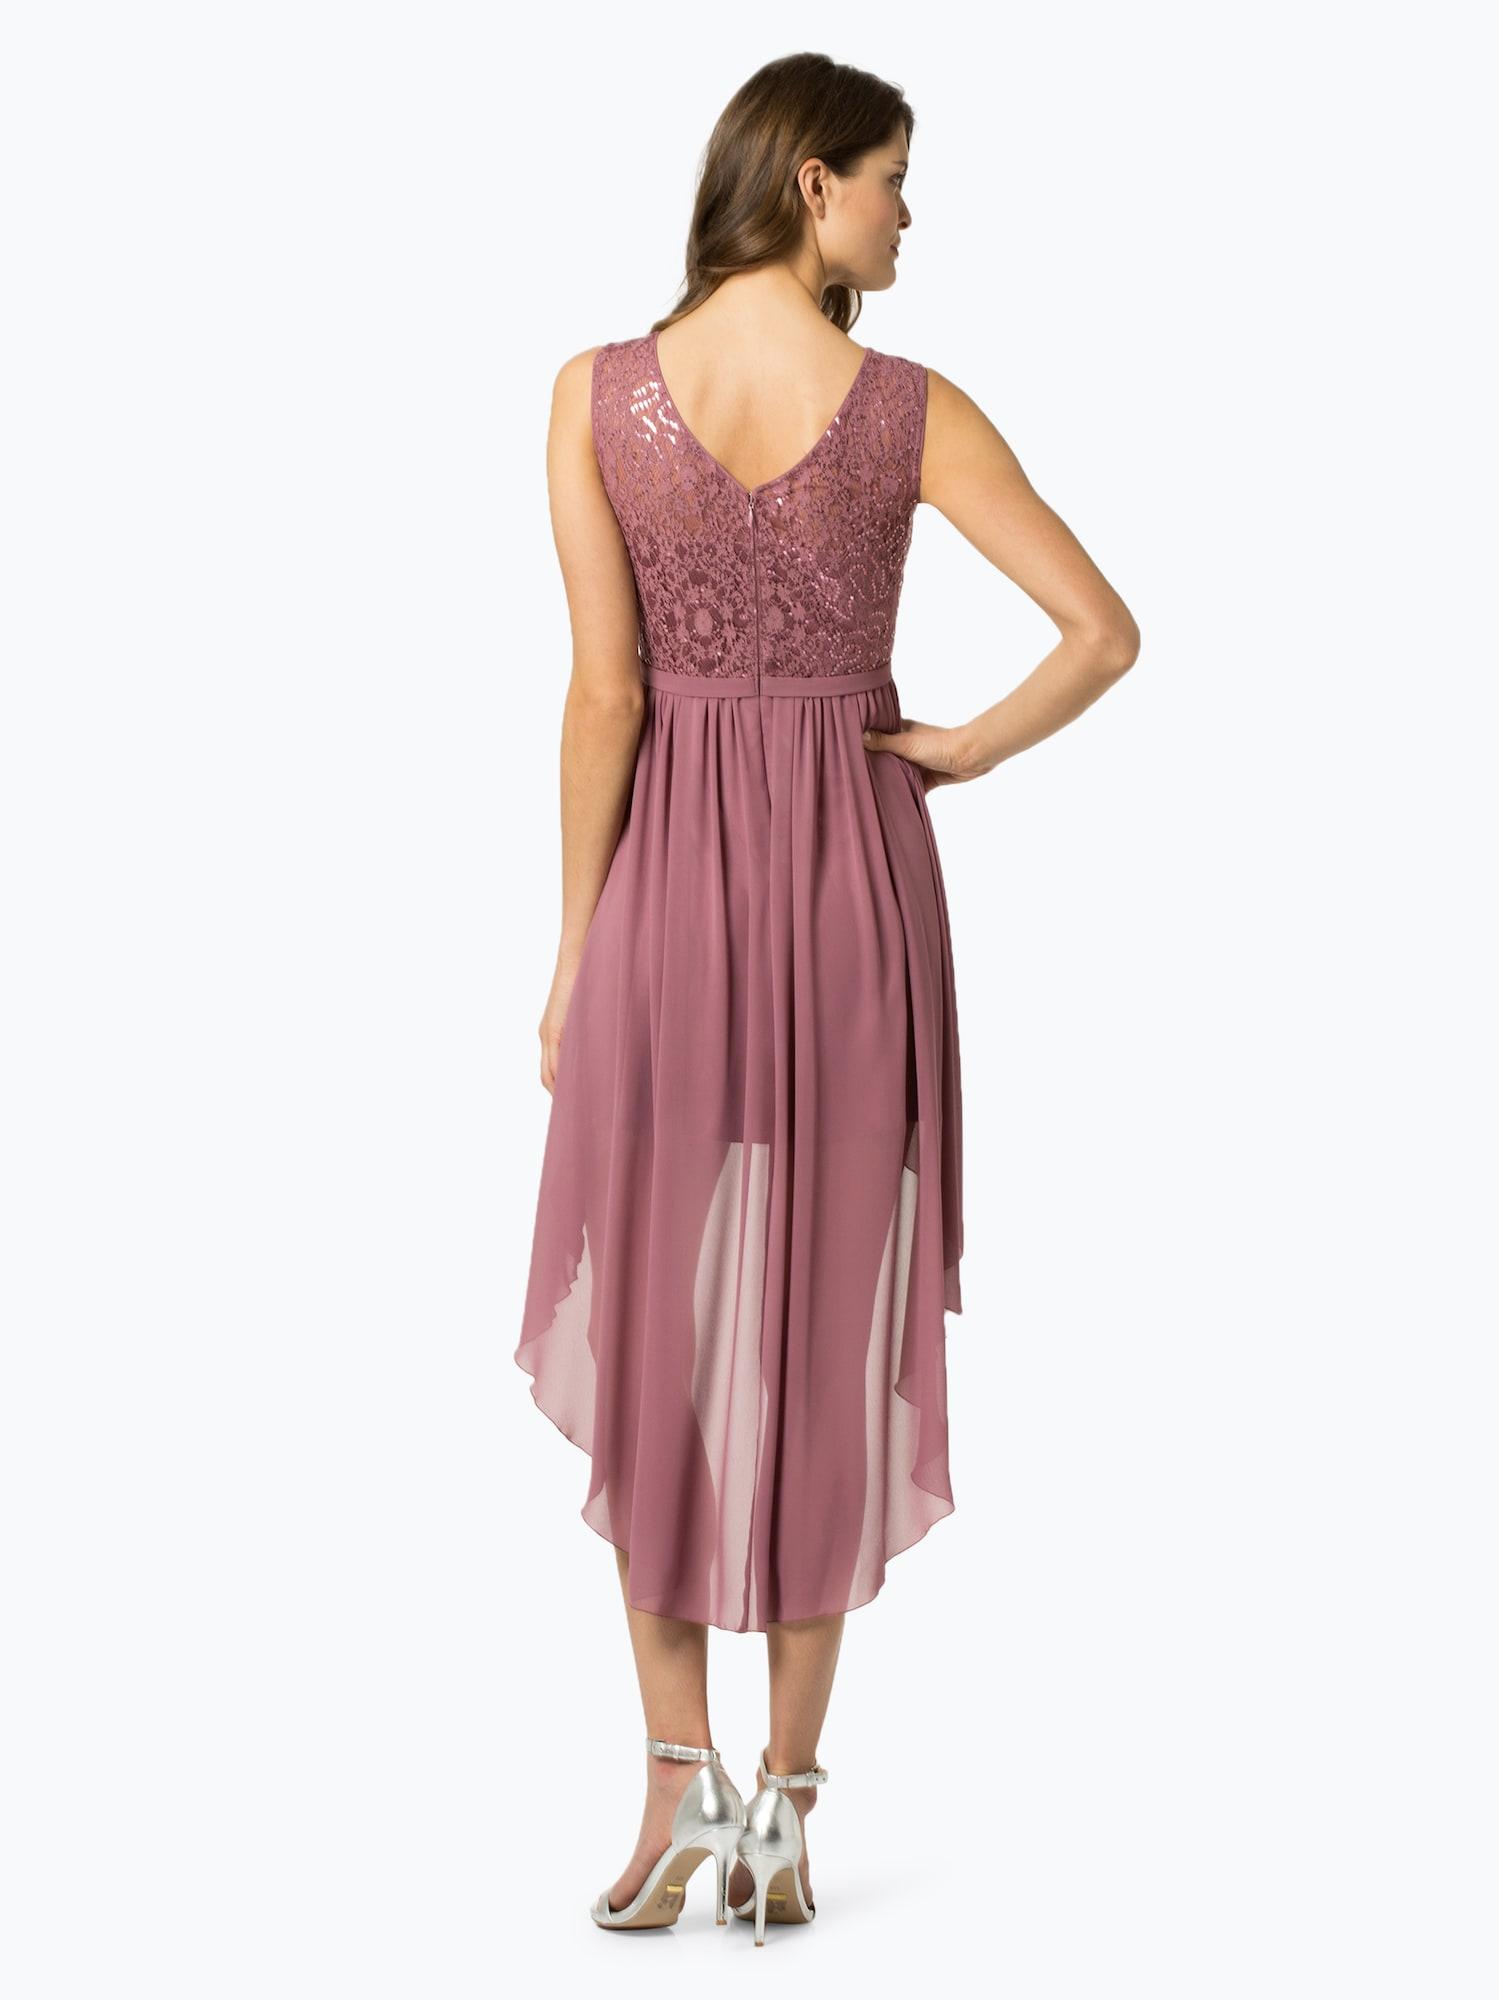 Abendkleid | Bekleidung > Kleider > Abendkleider | Marie Lund